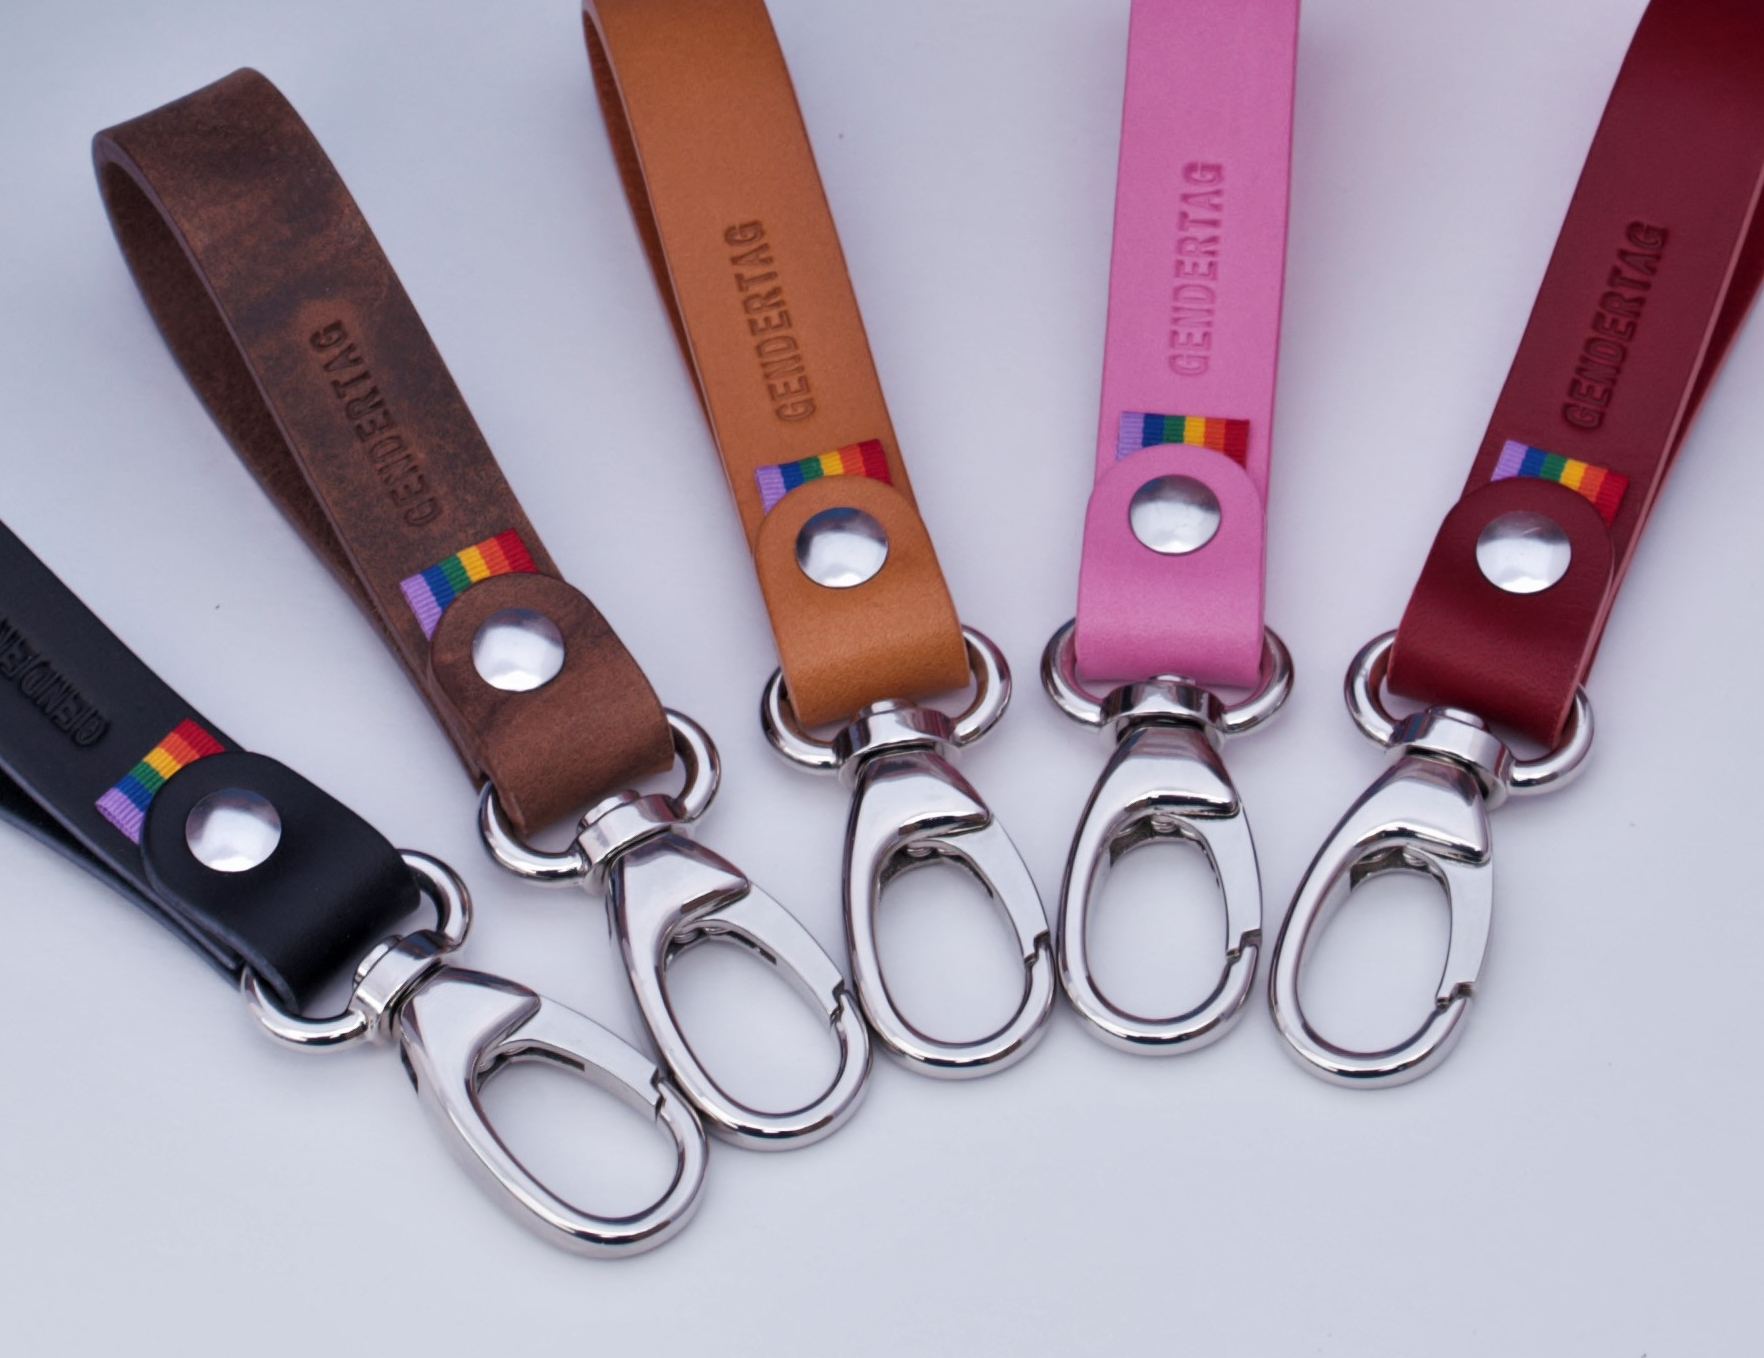 GENDERTAG Pride Leather Belt Loop Key Fob